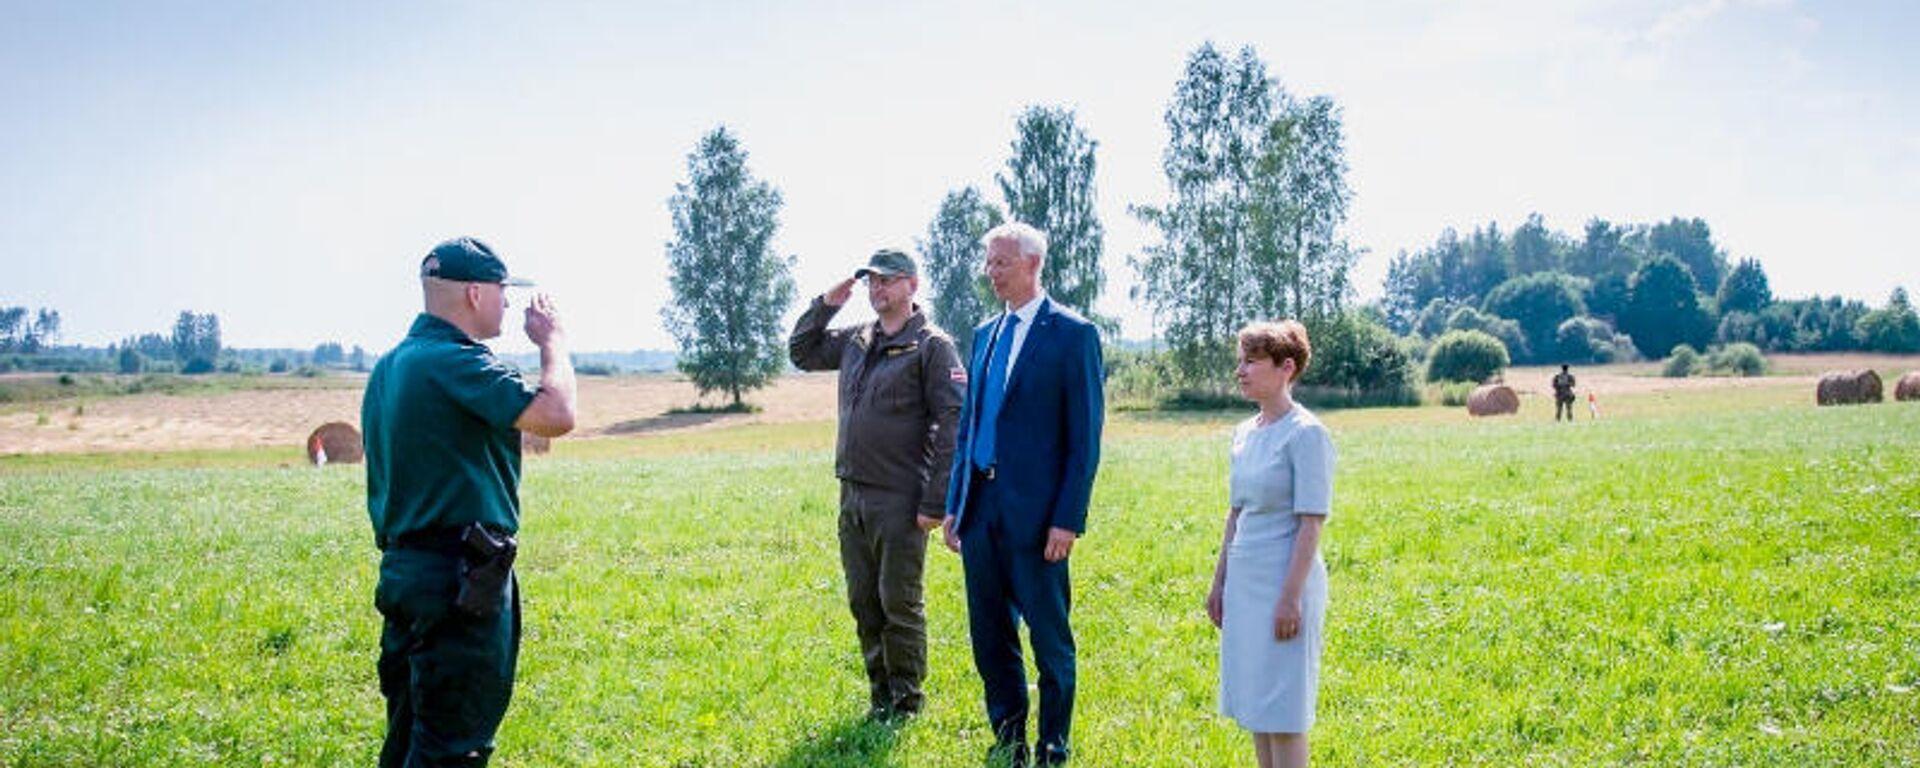 Глава МВД Мария Голубева и премьер-министр Латвии Кришьянис Кариньш (в центре) - Sputnik Латвия, 1920, 12.08.2021